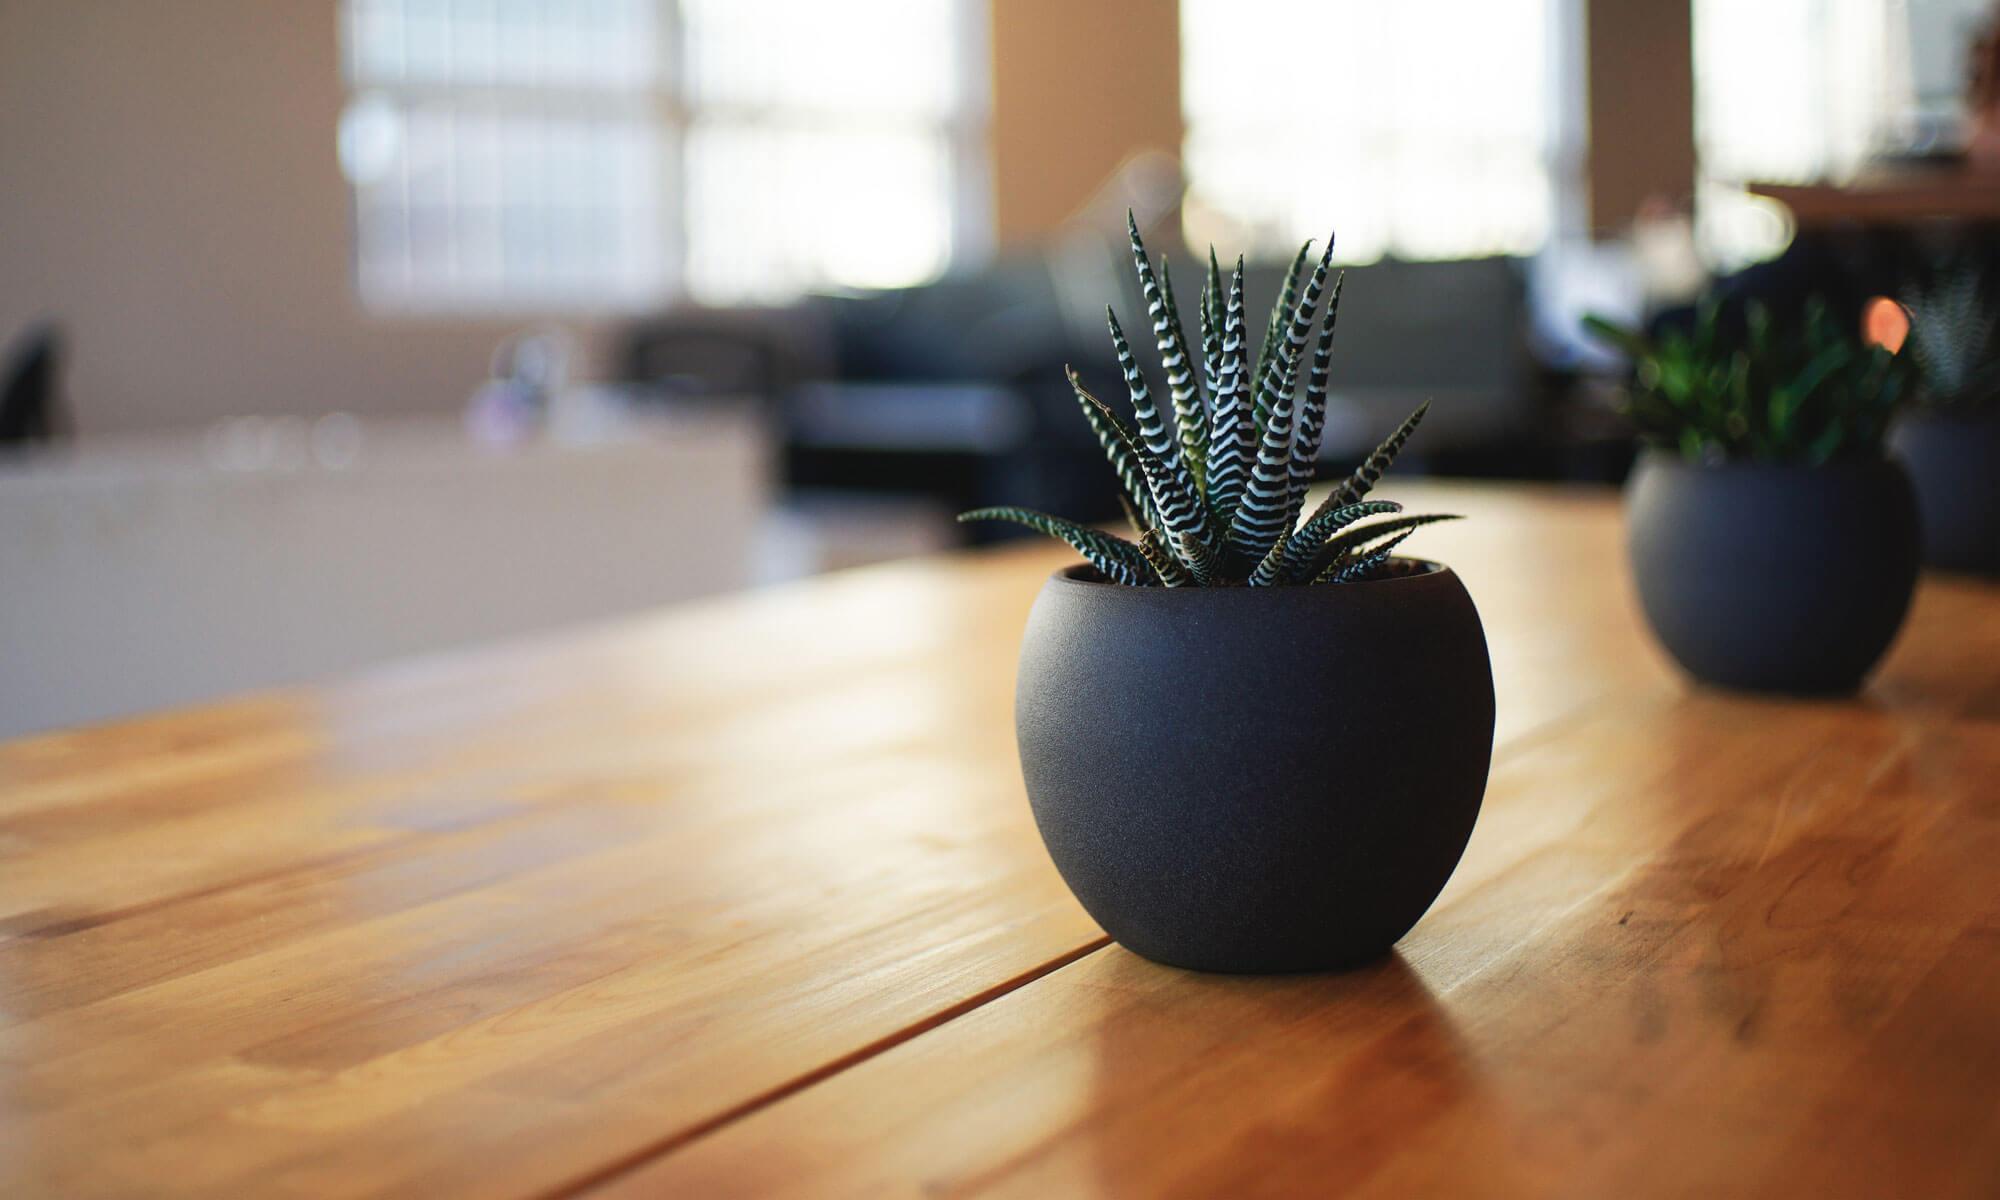 尚鴻中和平價搬家公司推薦新莊搬家服務新北搬家公司0952621633永和搬家推薦台北優良三重搬家